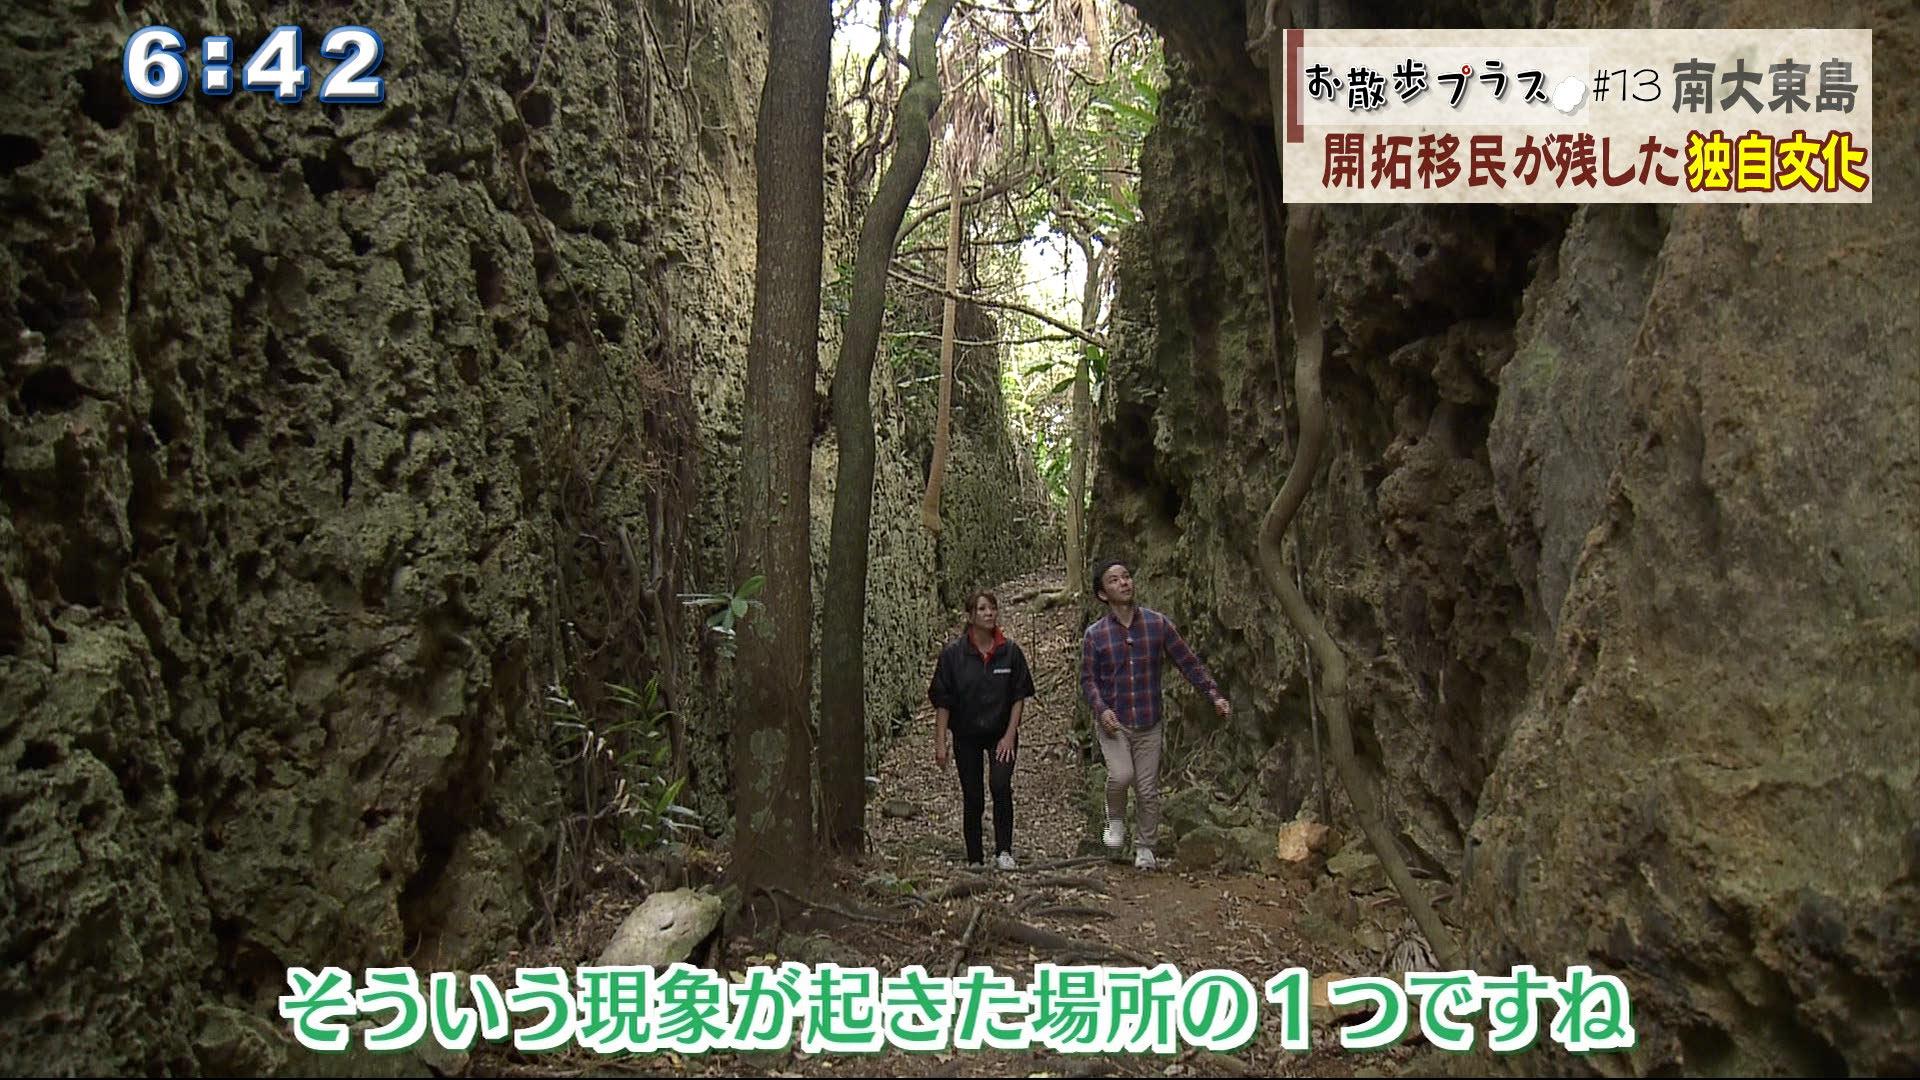 ここは島にできた裂け目、割れ目バリバリ岩と呼ばれている場所